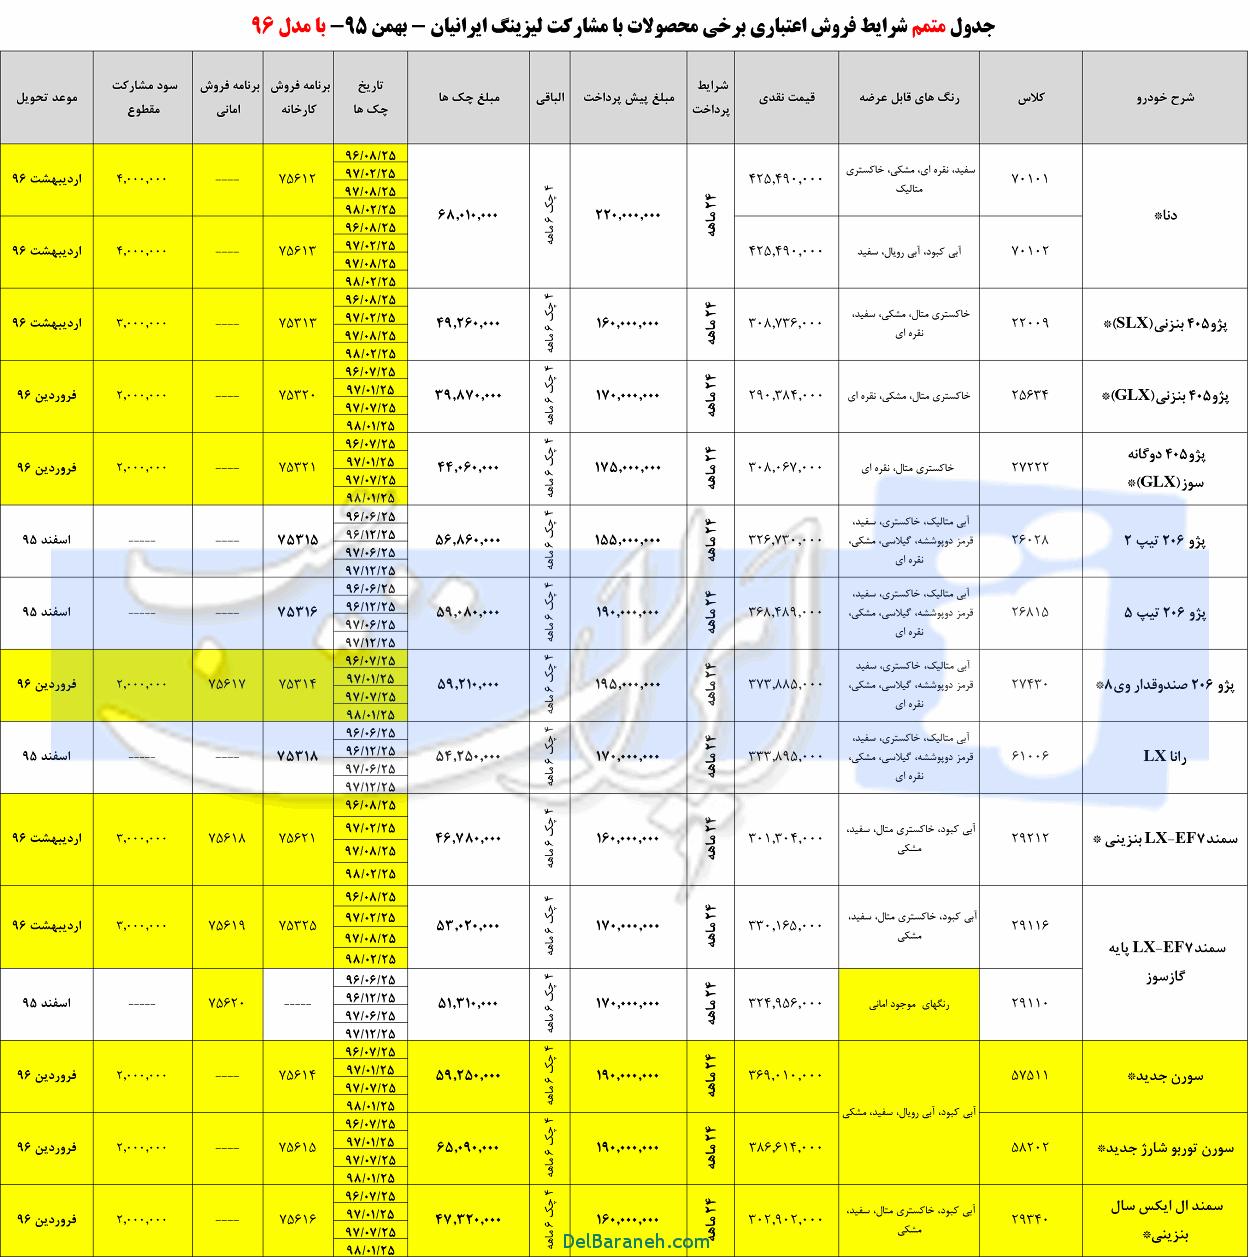 شرایط پیش فروش اقساطی ساندرو استپ وی مدل 1396-2017 + نحوه ثبت نام